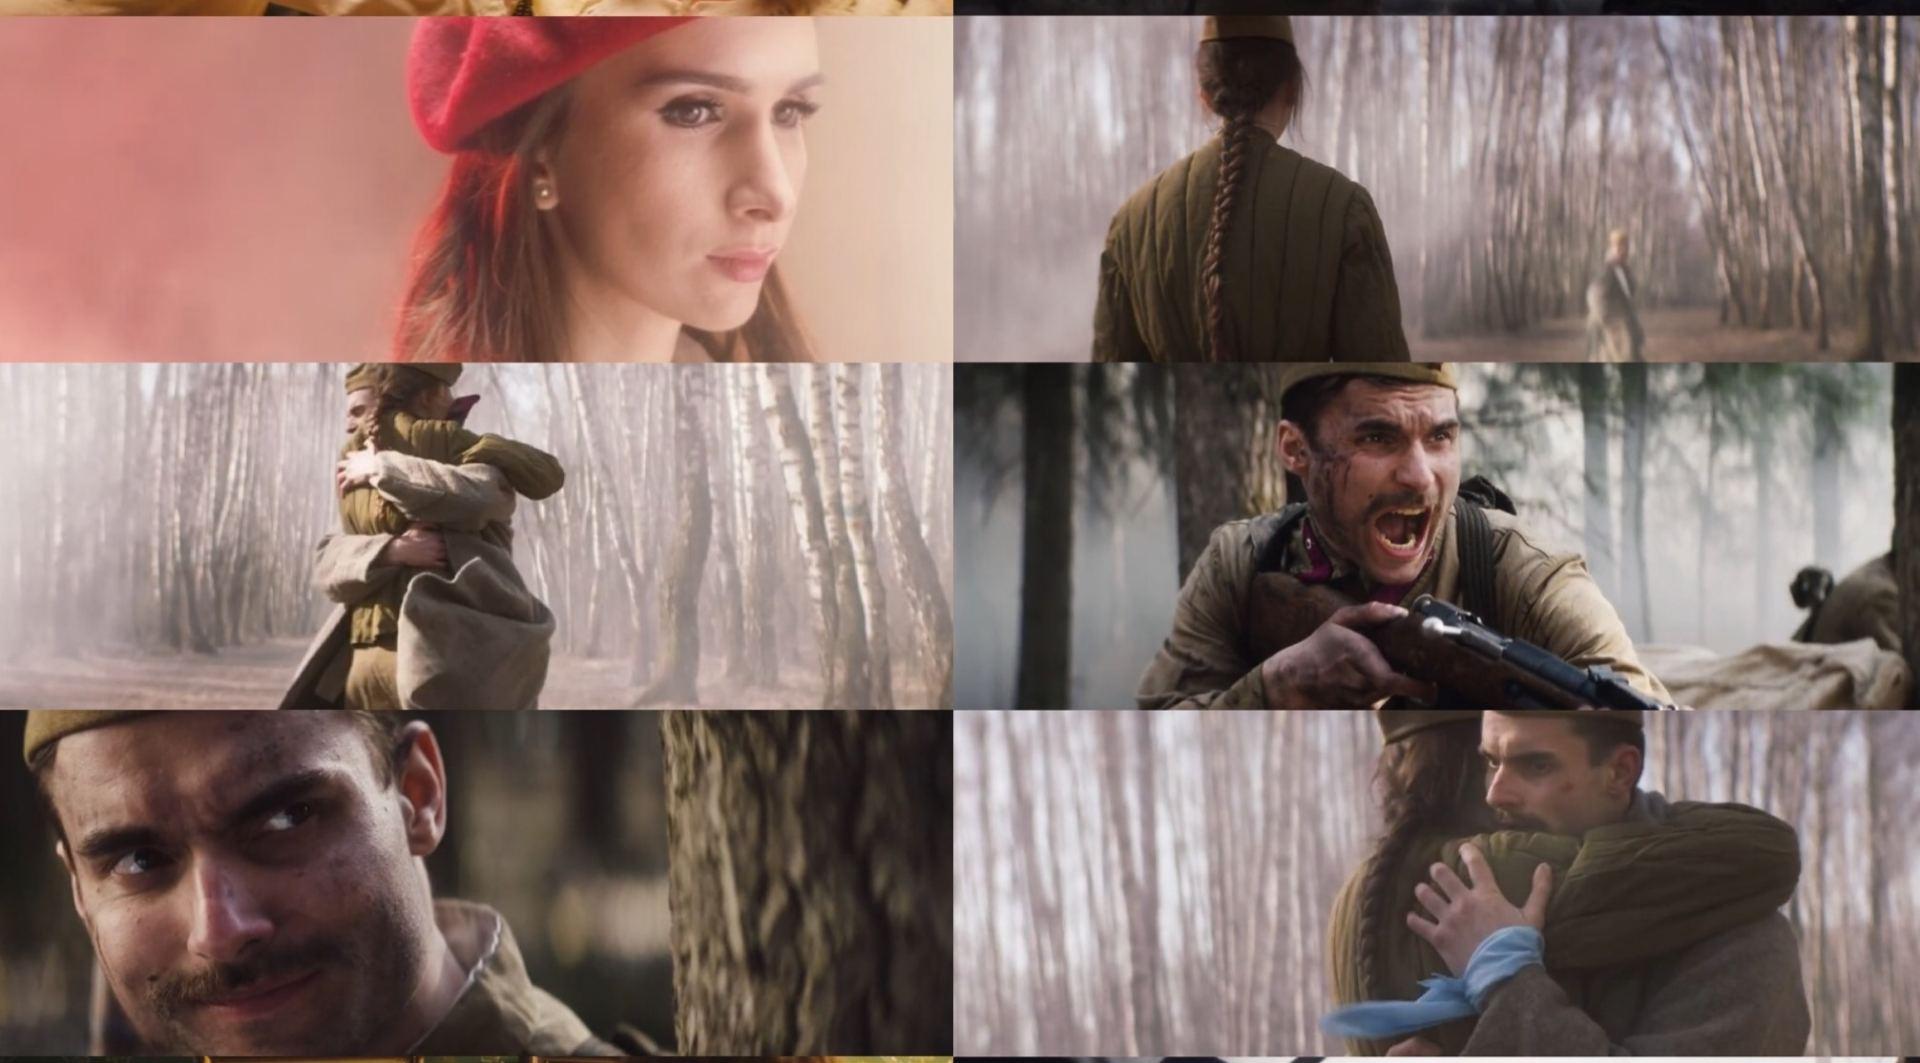 Эхо любви в честь юбилея Победы! Азербайджанка представила клип на хит Анны Герман (ВИДЕО) - Gallery Image